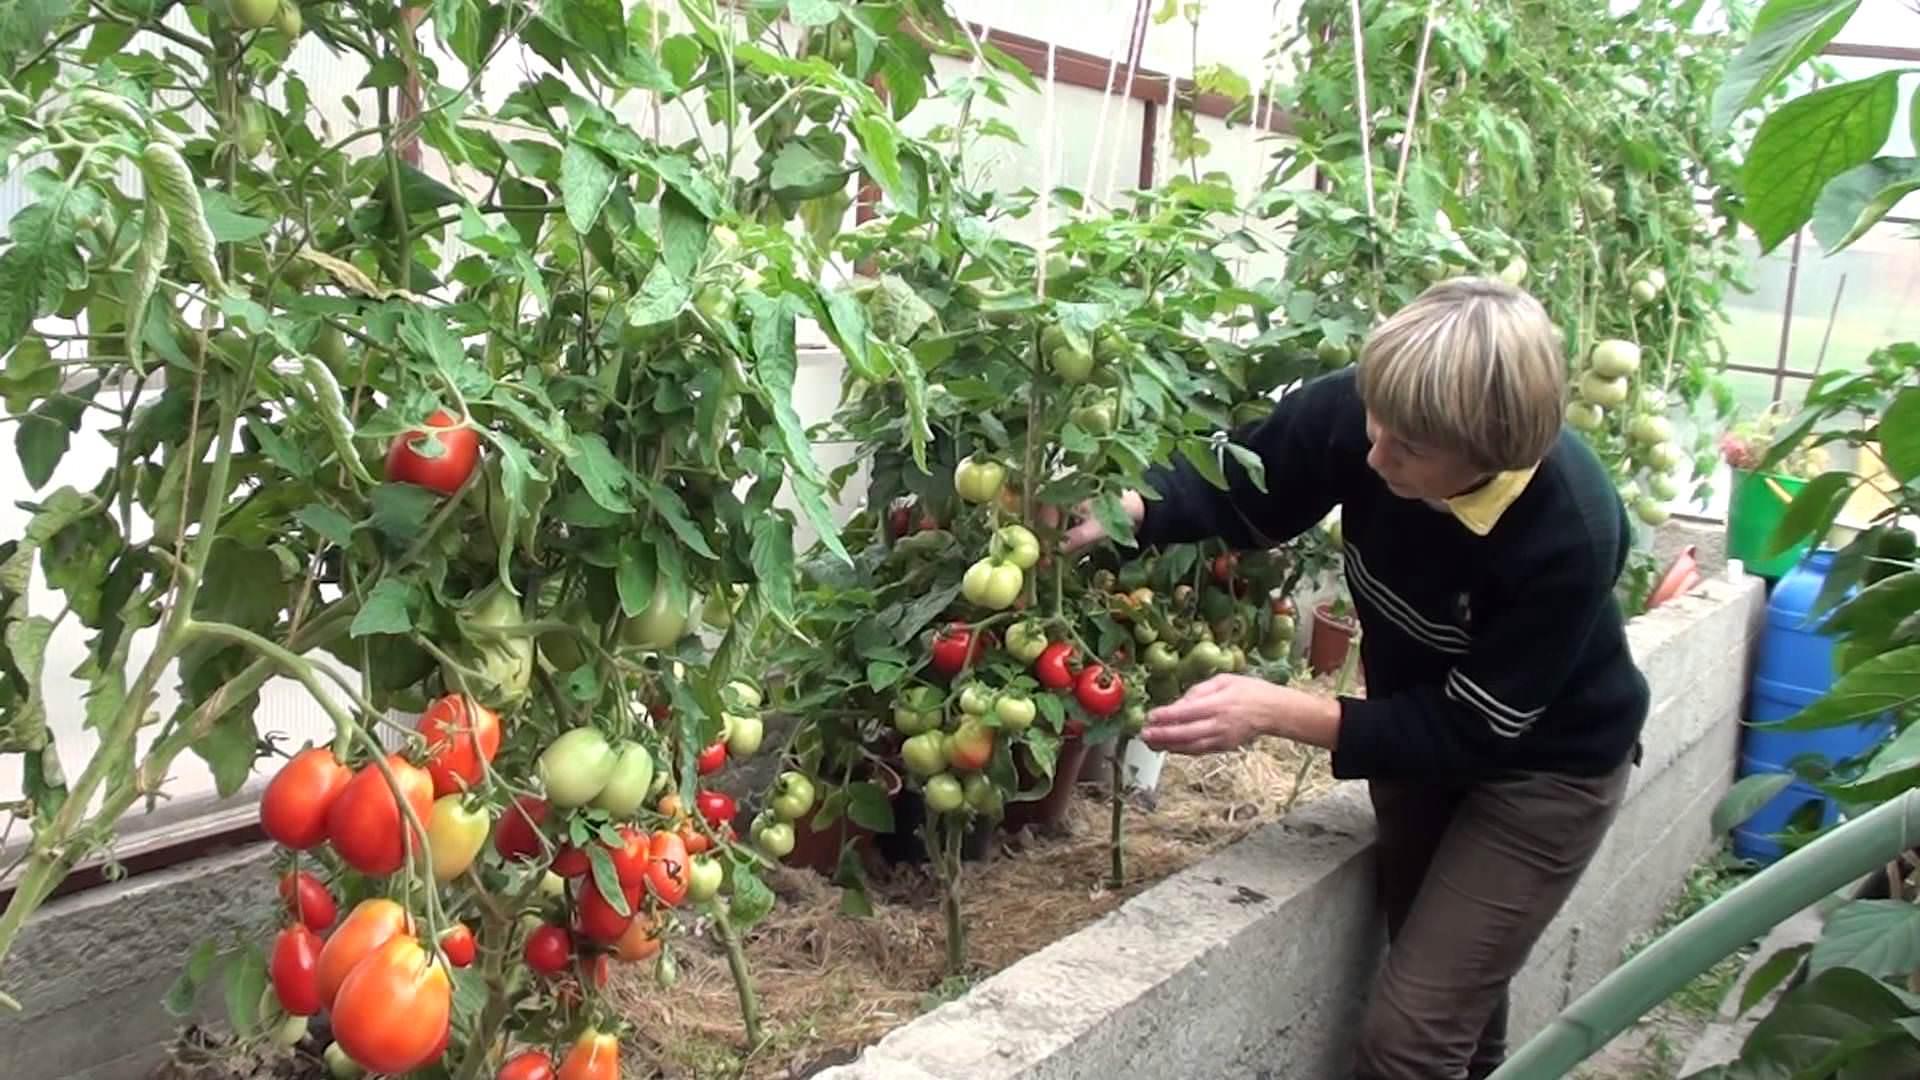 Чем обработать помидоры от фитофторы? народные методы борьбы с фитофторозом. болезни помидоров